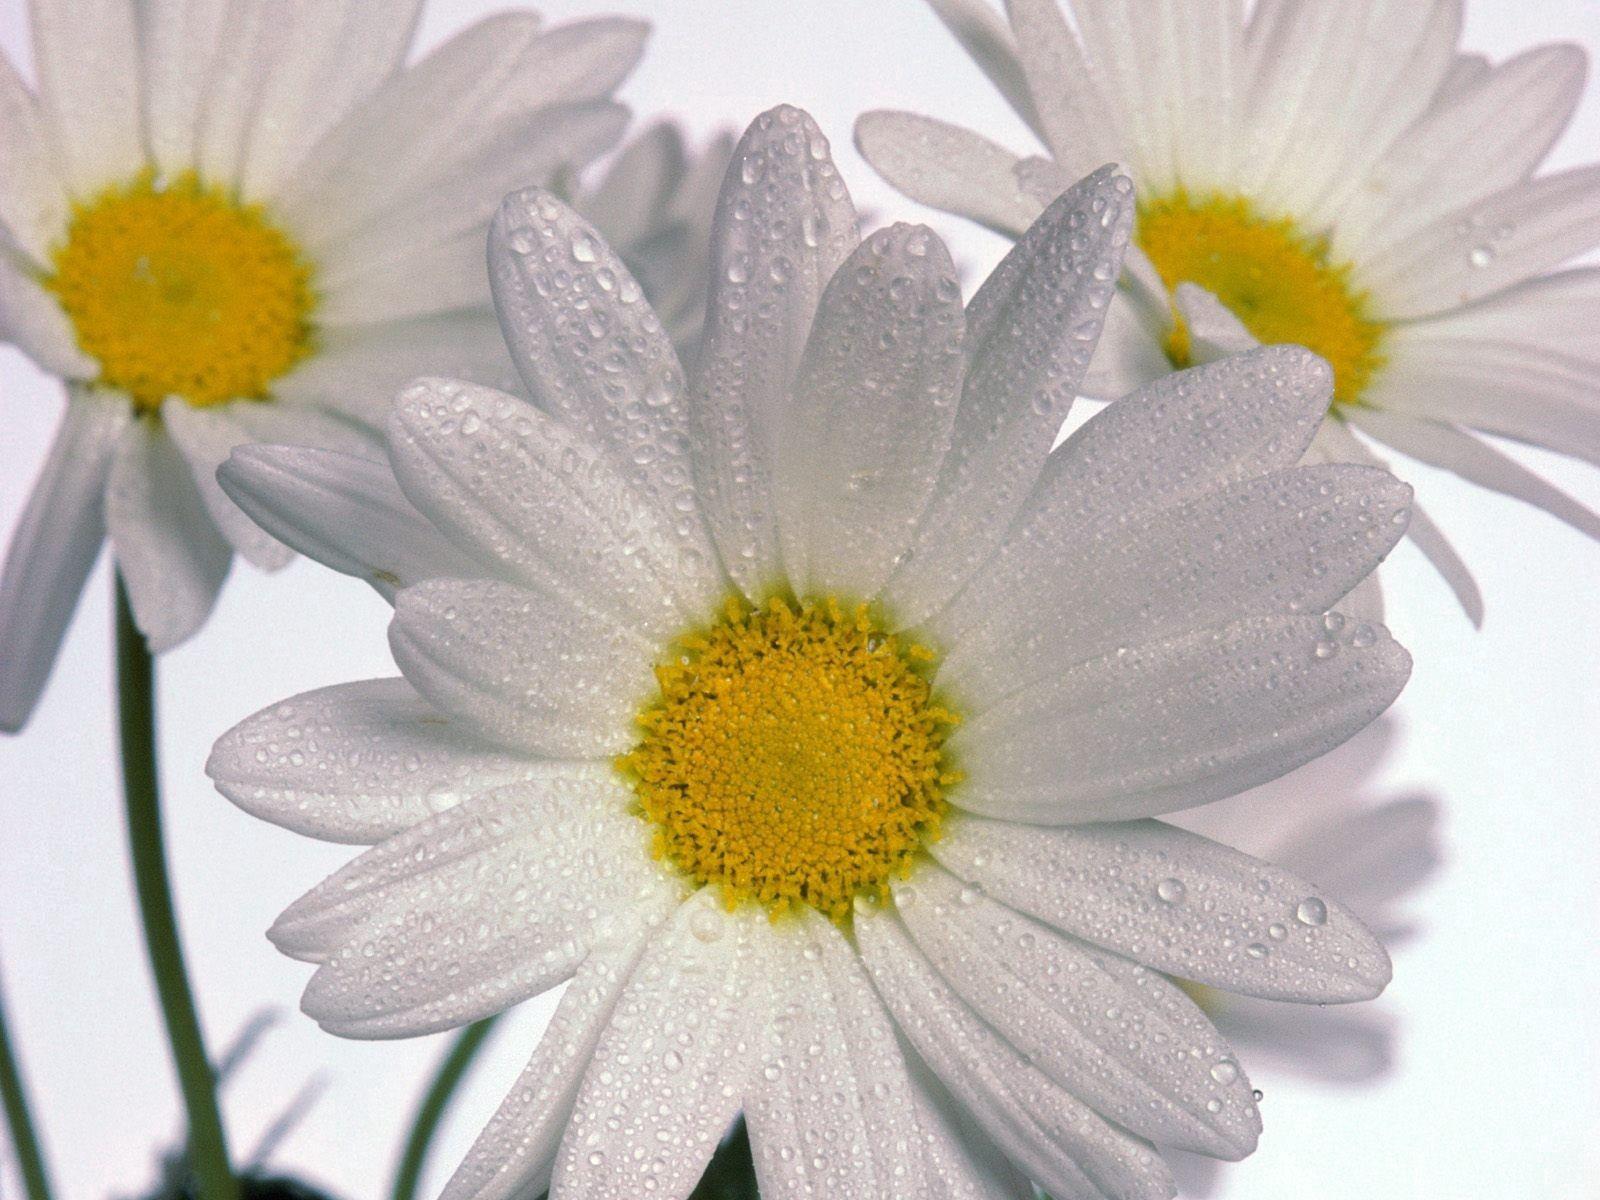 109034 скачать обои Ромашки, Цветы, Капли, Крупный План, Три - заставки и картинки бесплатно